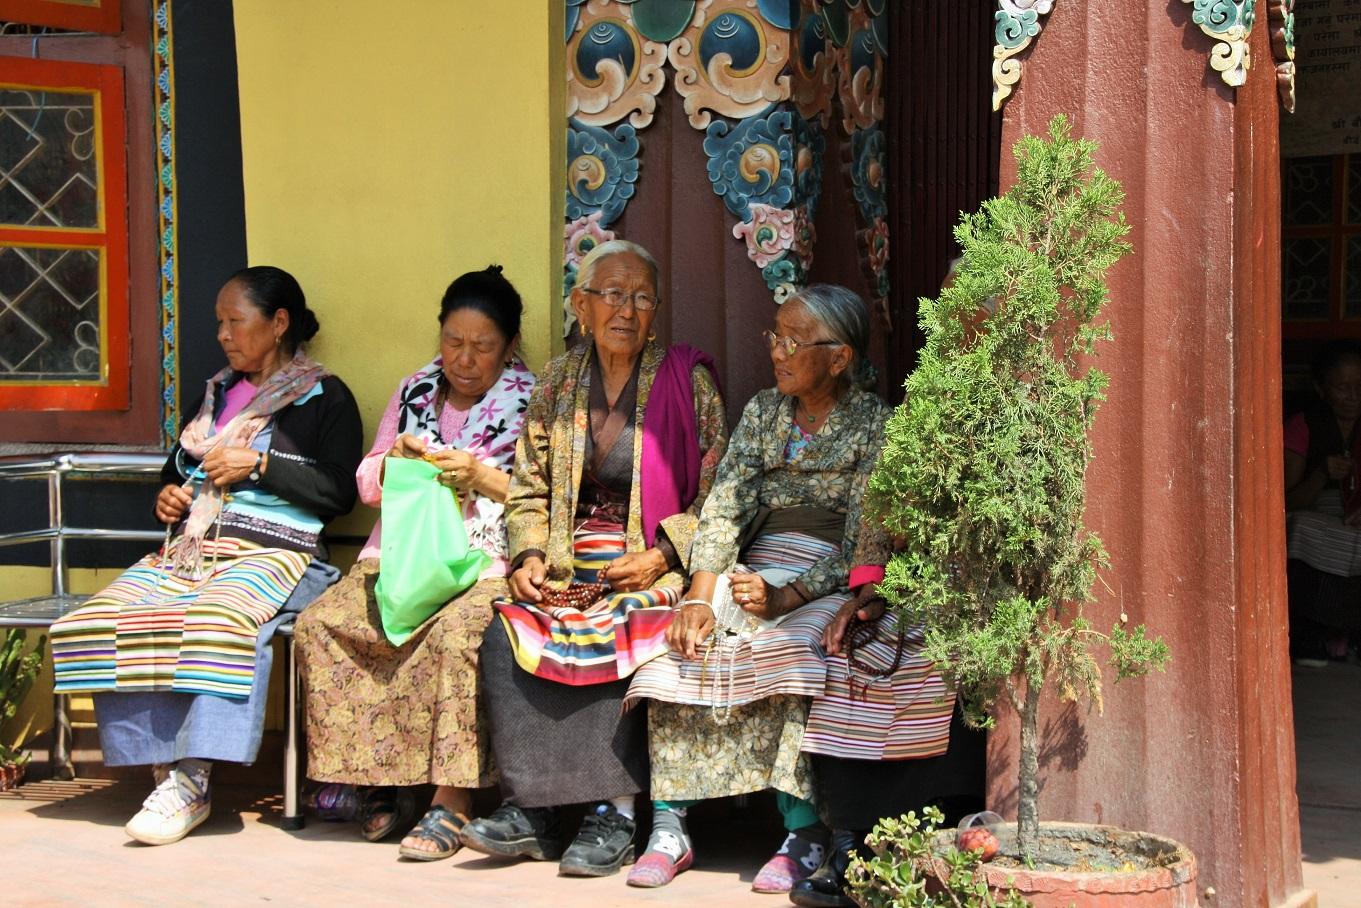 Nepalese vrouwen zitten voor een Tibetaans klooster